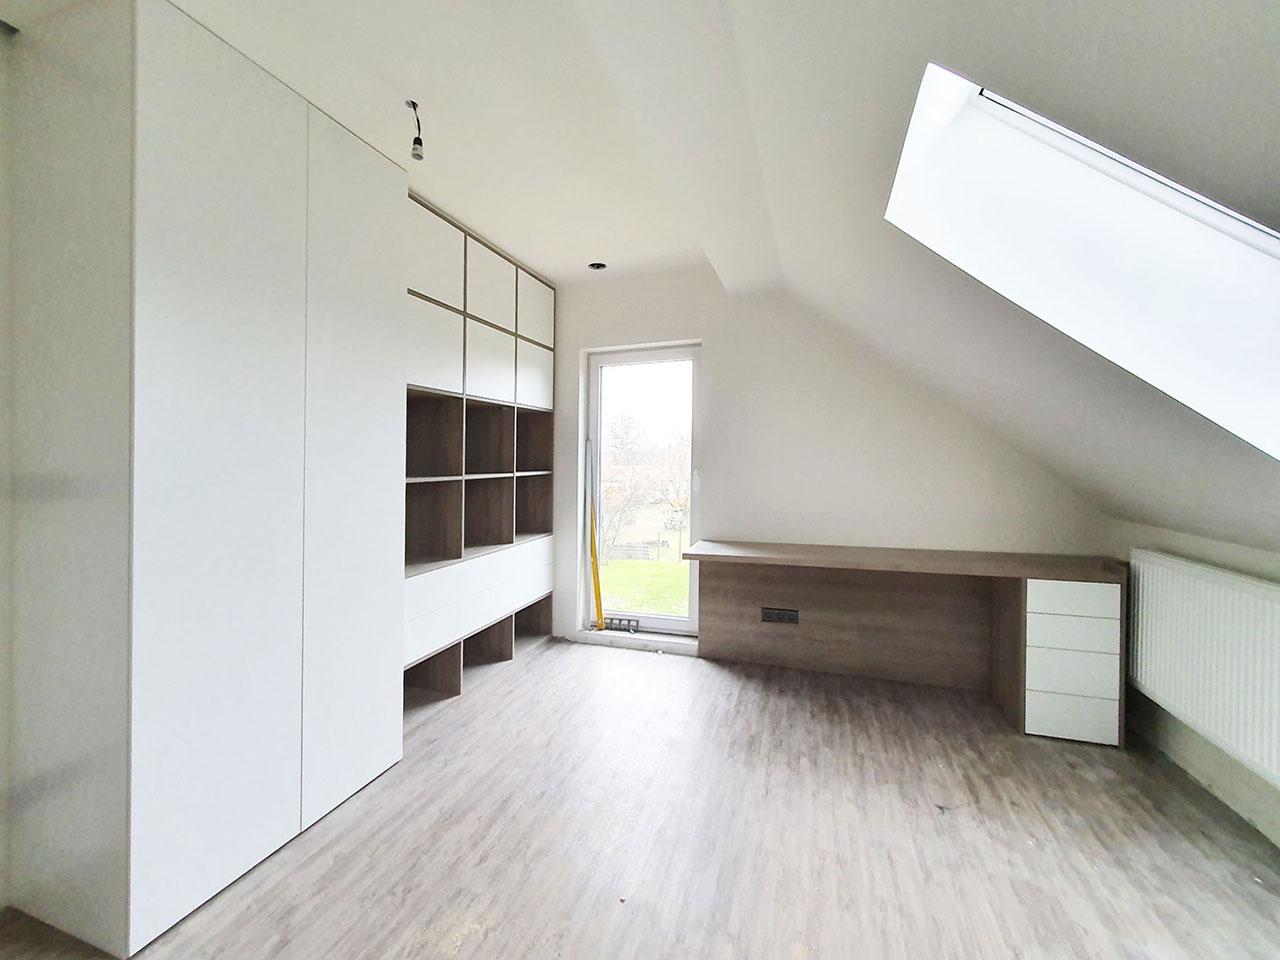 Skříň na míru s pantovými dveřmi v bílé barvě s otevřenou dřevěnou částí a pracovním stolem ve stejné barevné kombinaci